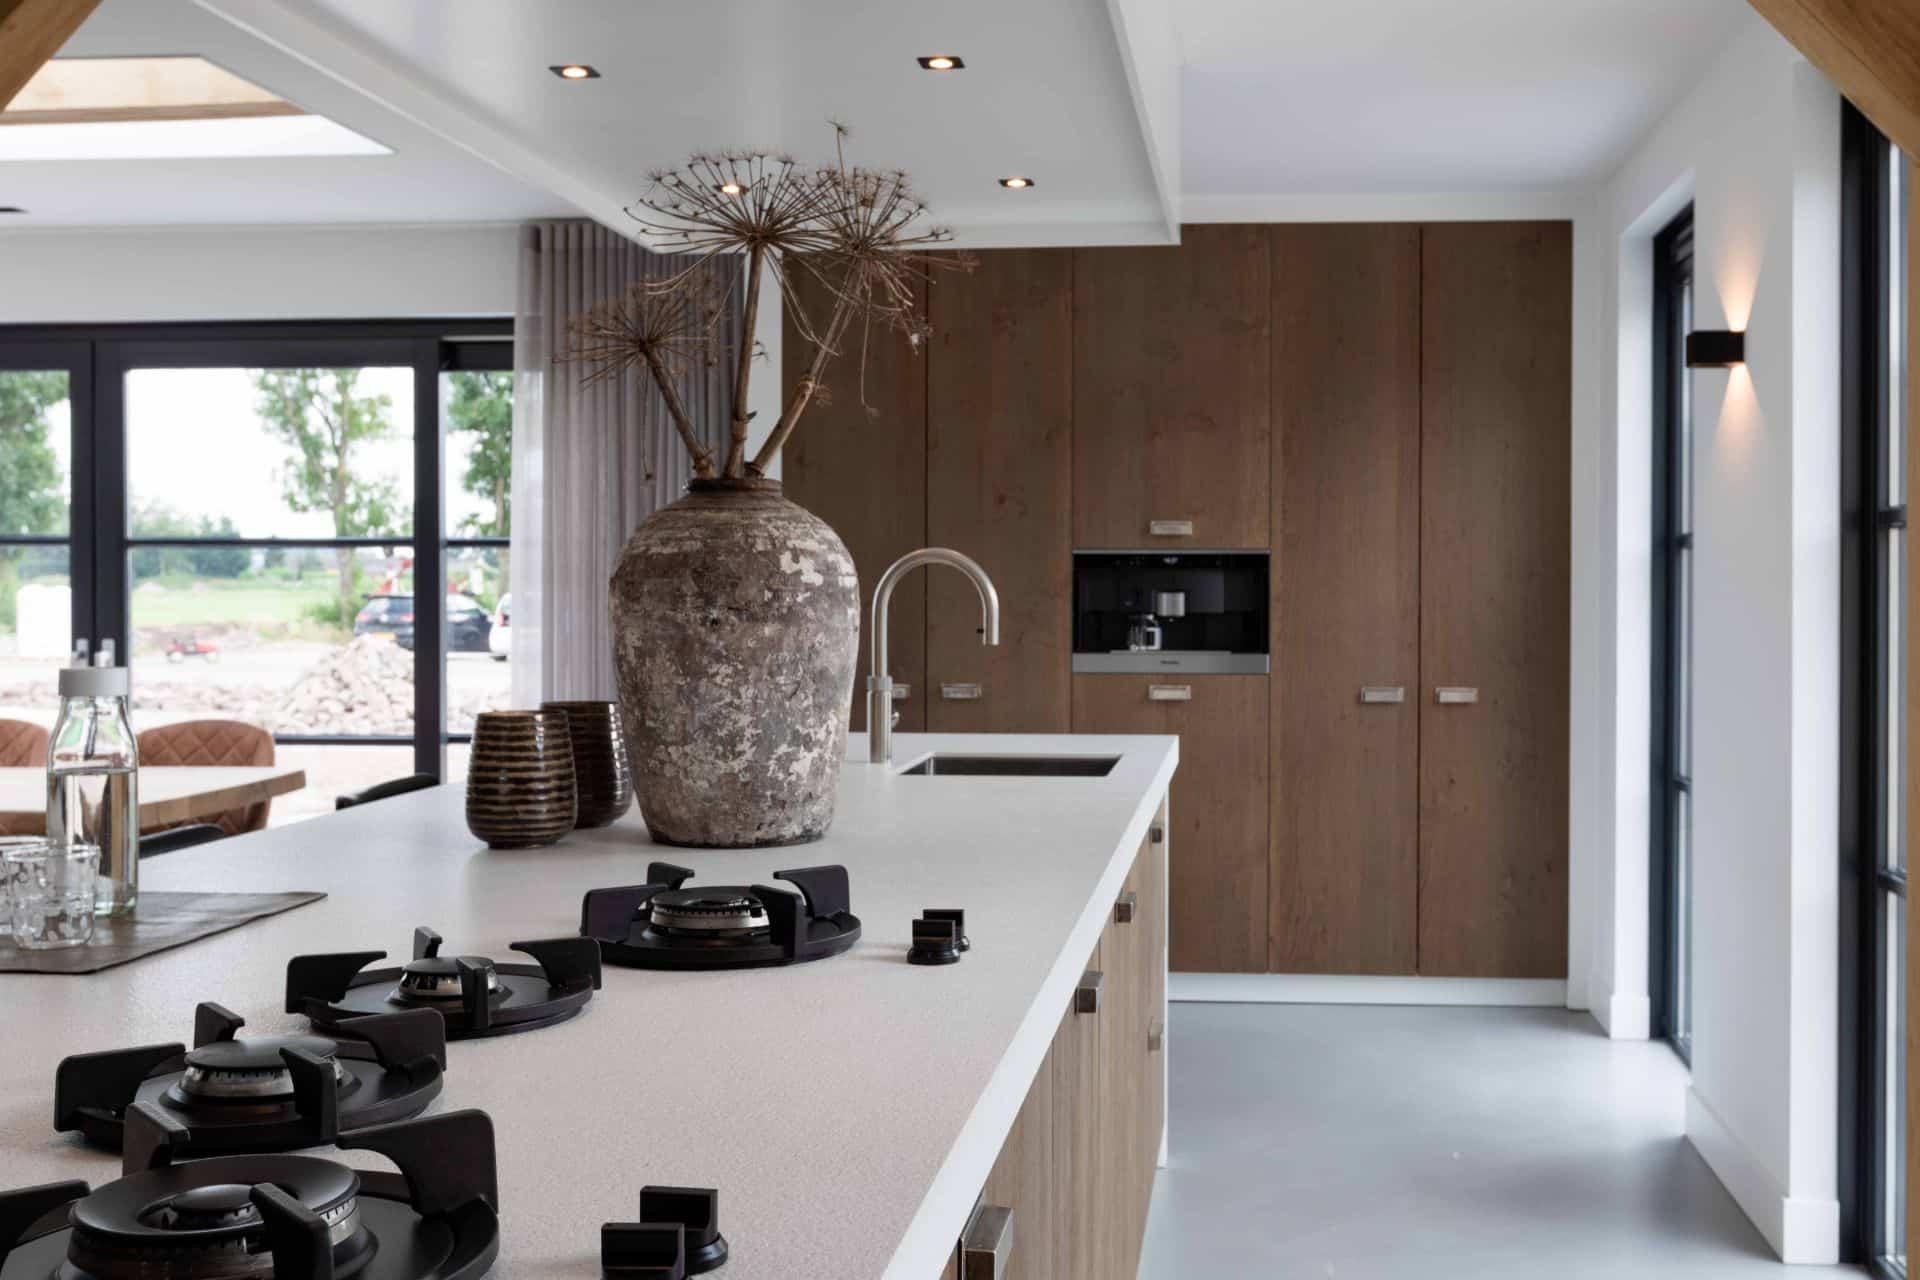 Moderne keuken met PITT Cooking kookplaat | Bunschoten